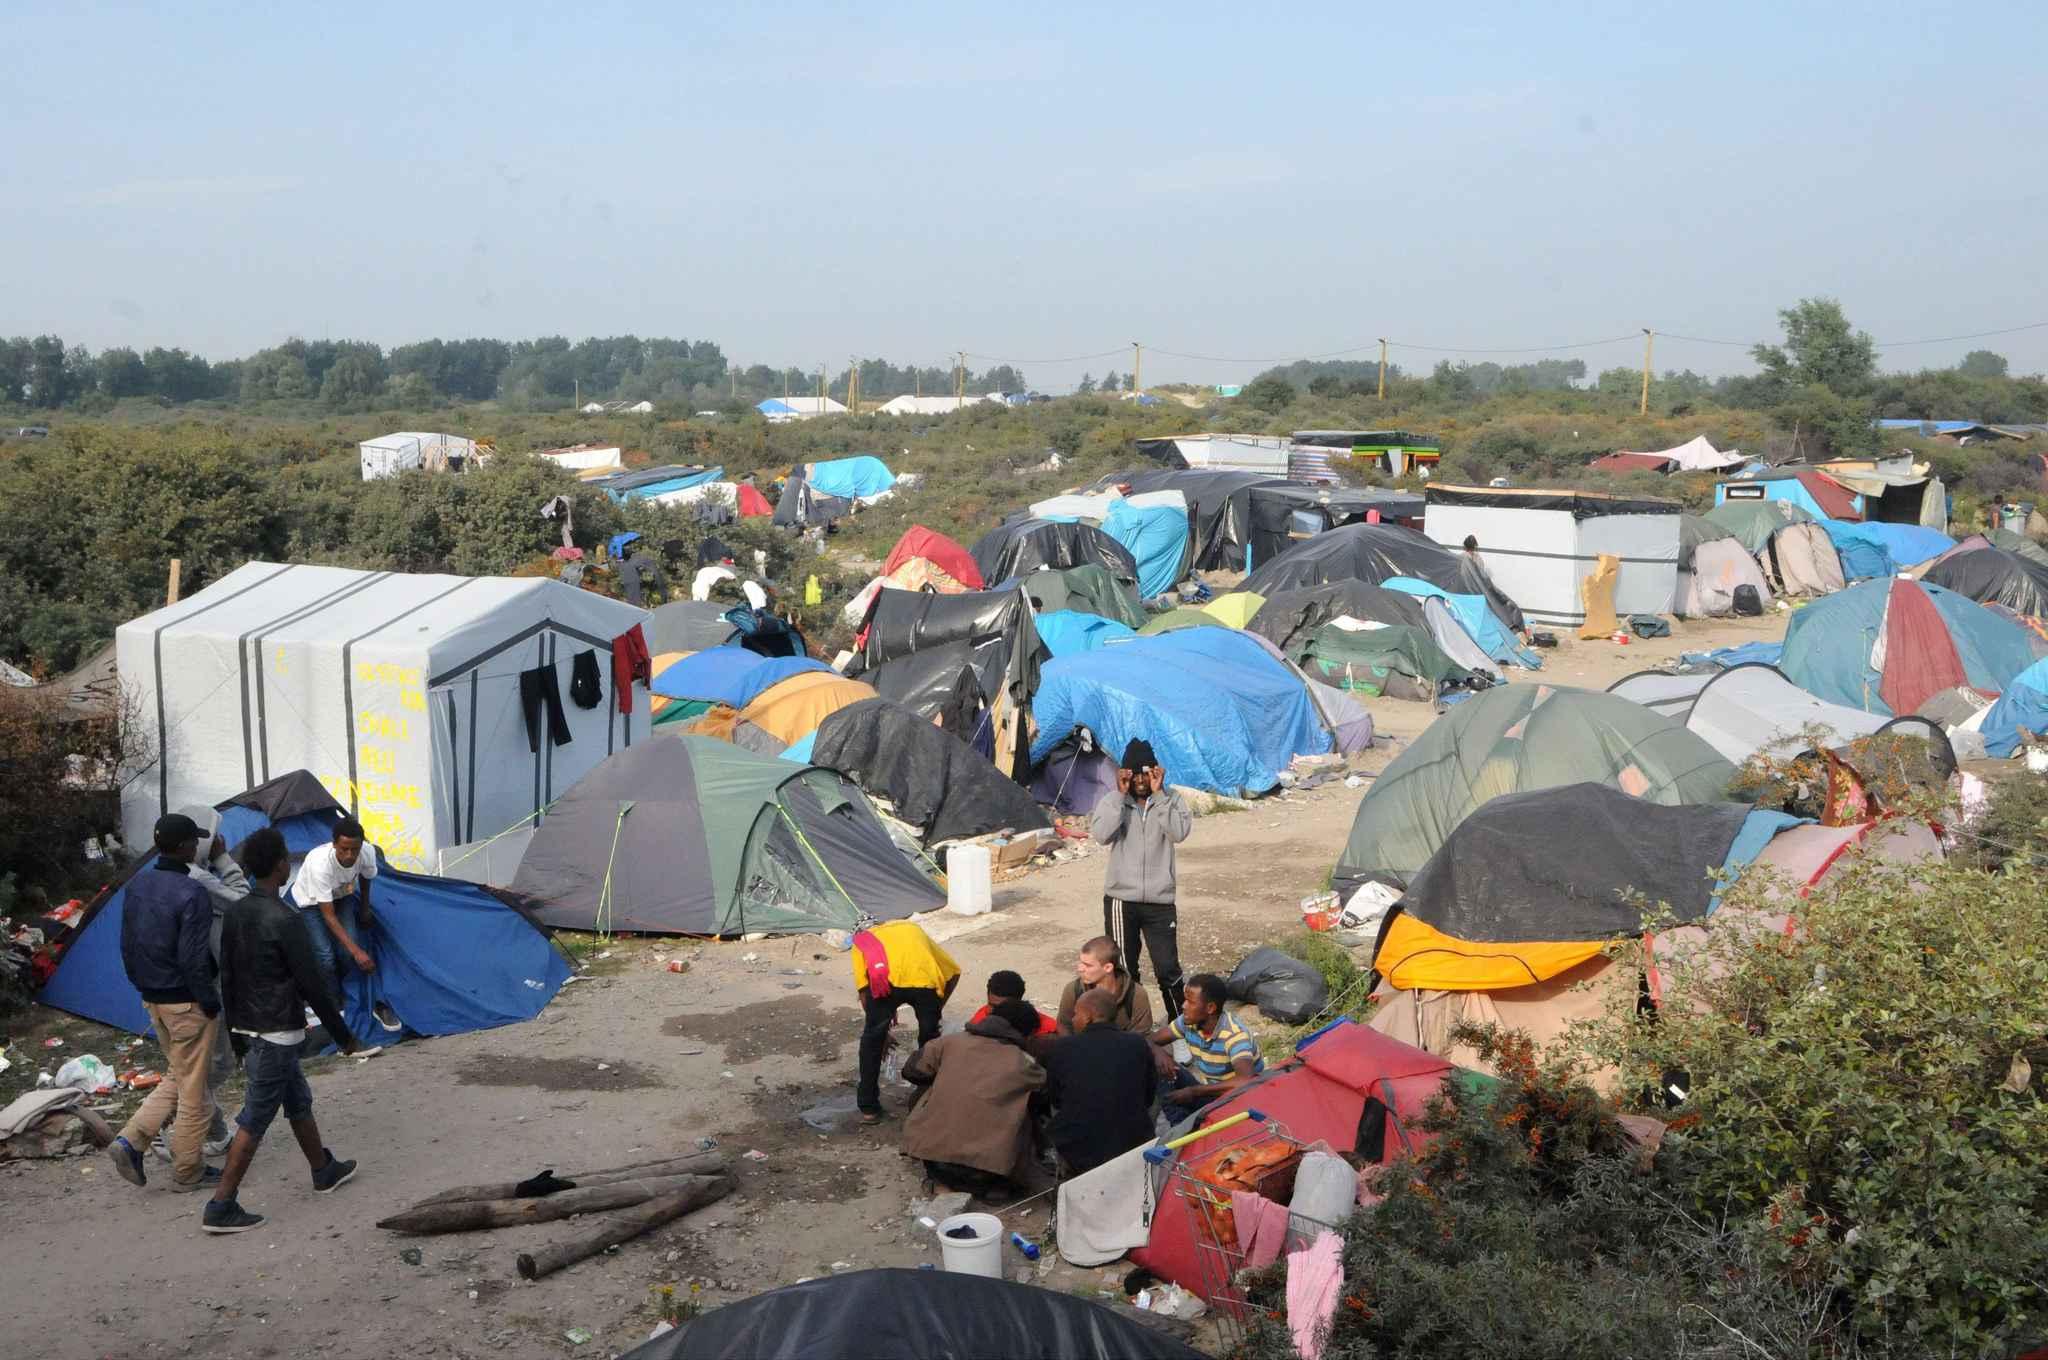 Un scandale sexuel en plein coeur de la Jungle de Calais